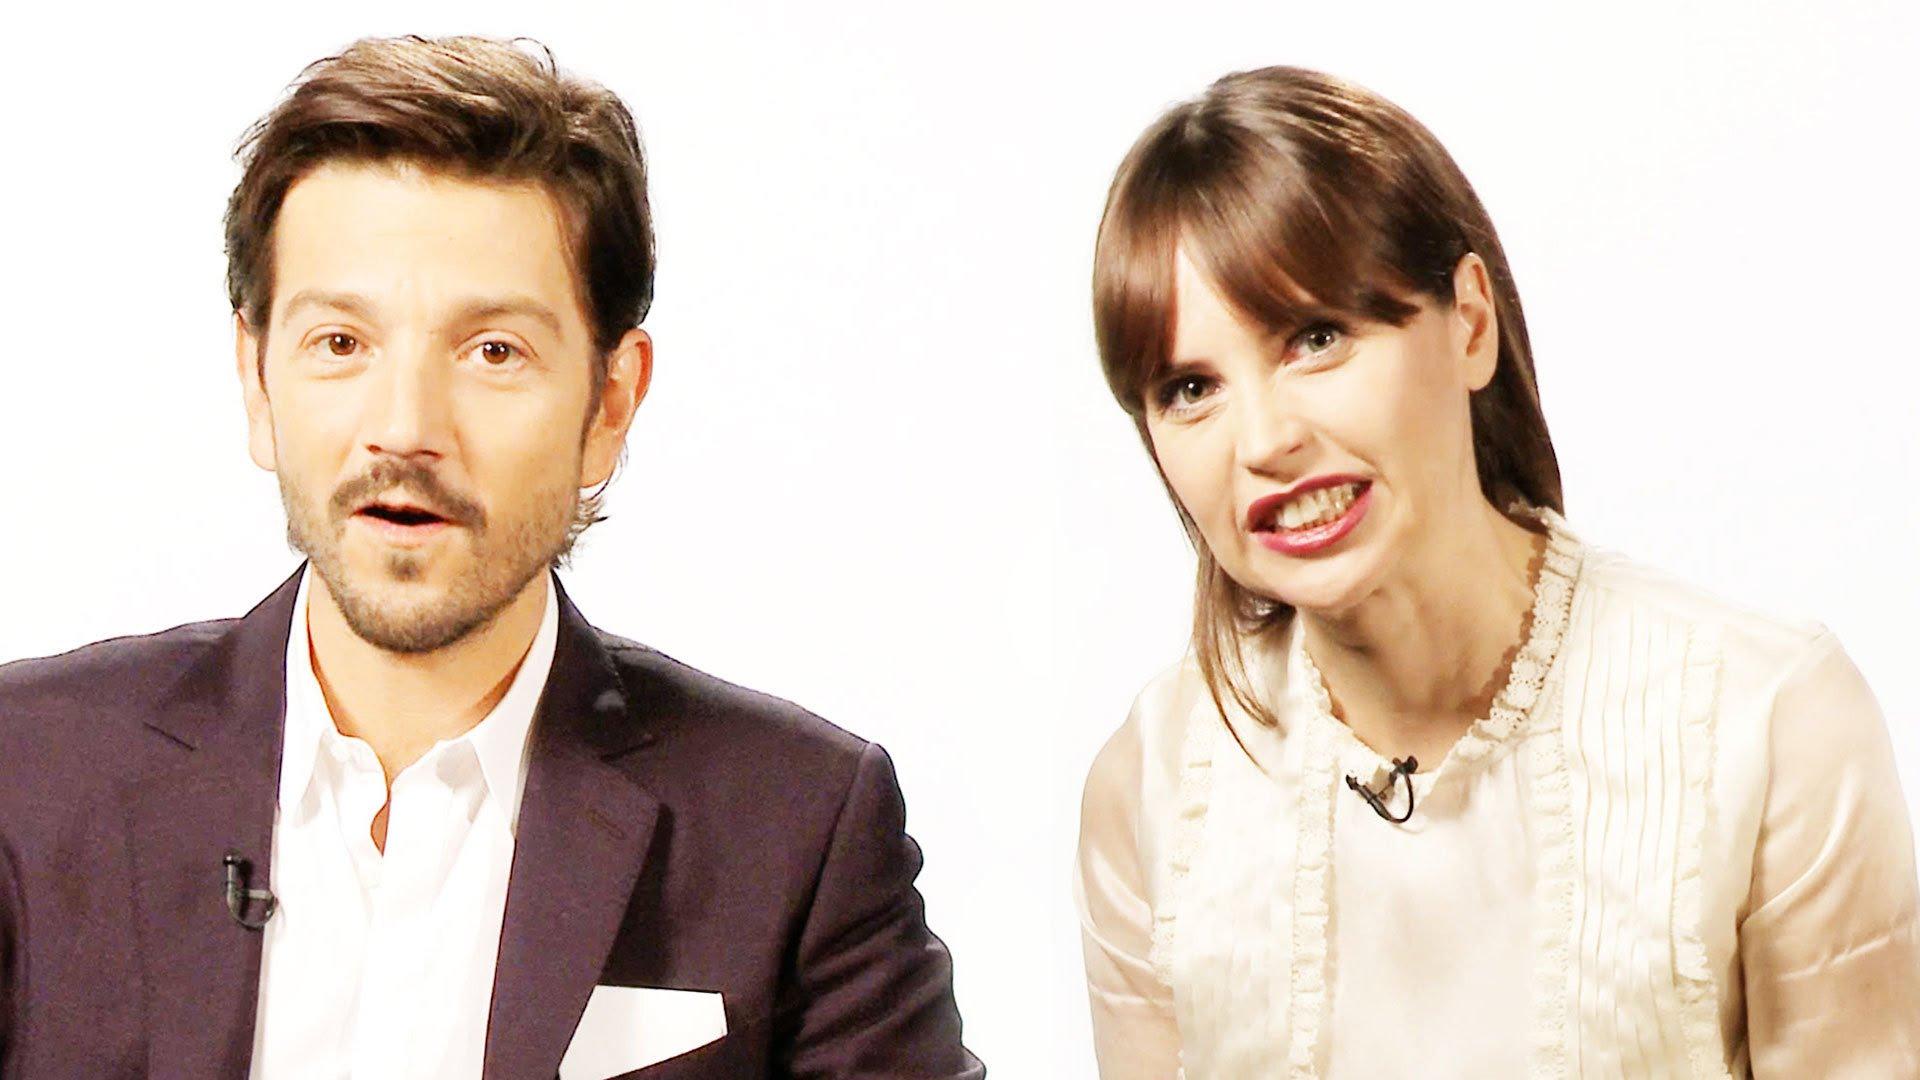 映画のプロモーション・インタビューで、 Rogue One:スター・ウォーズ・ストーリーのスターを見てみましょう。